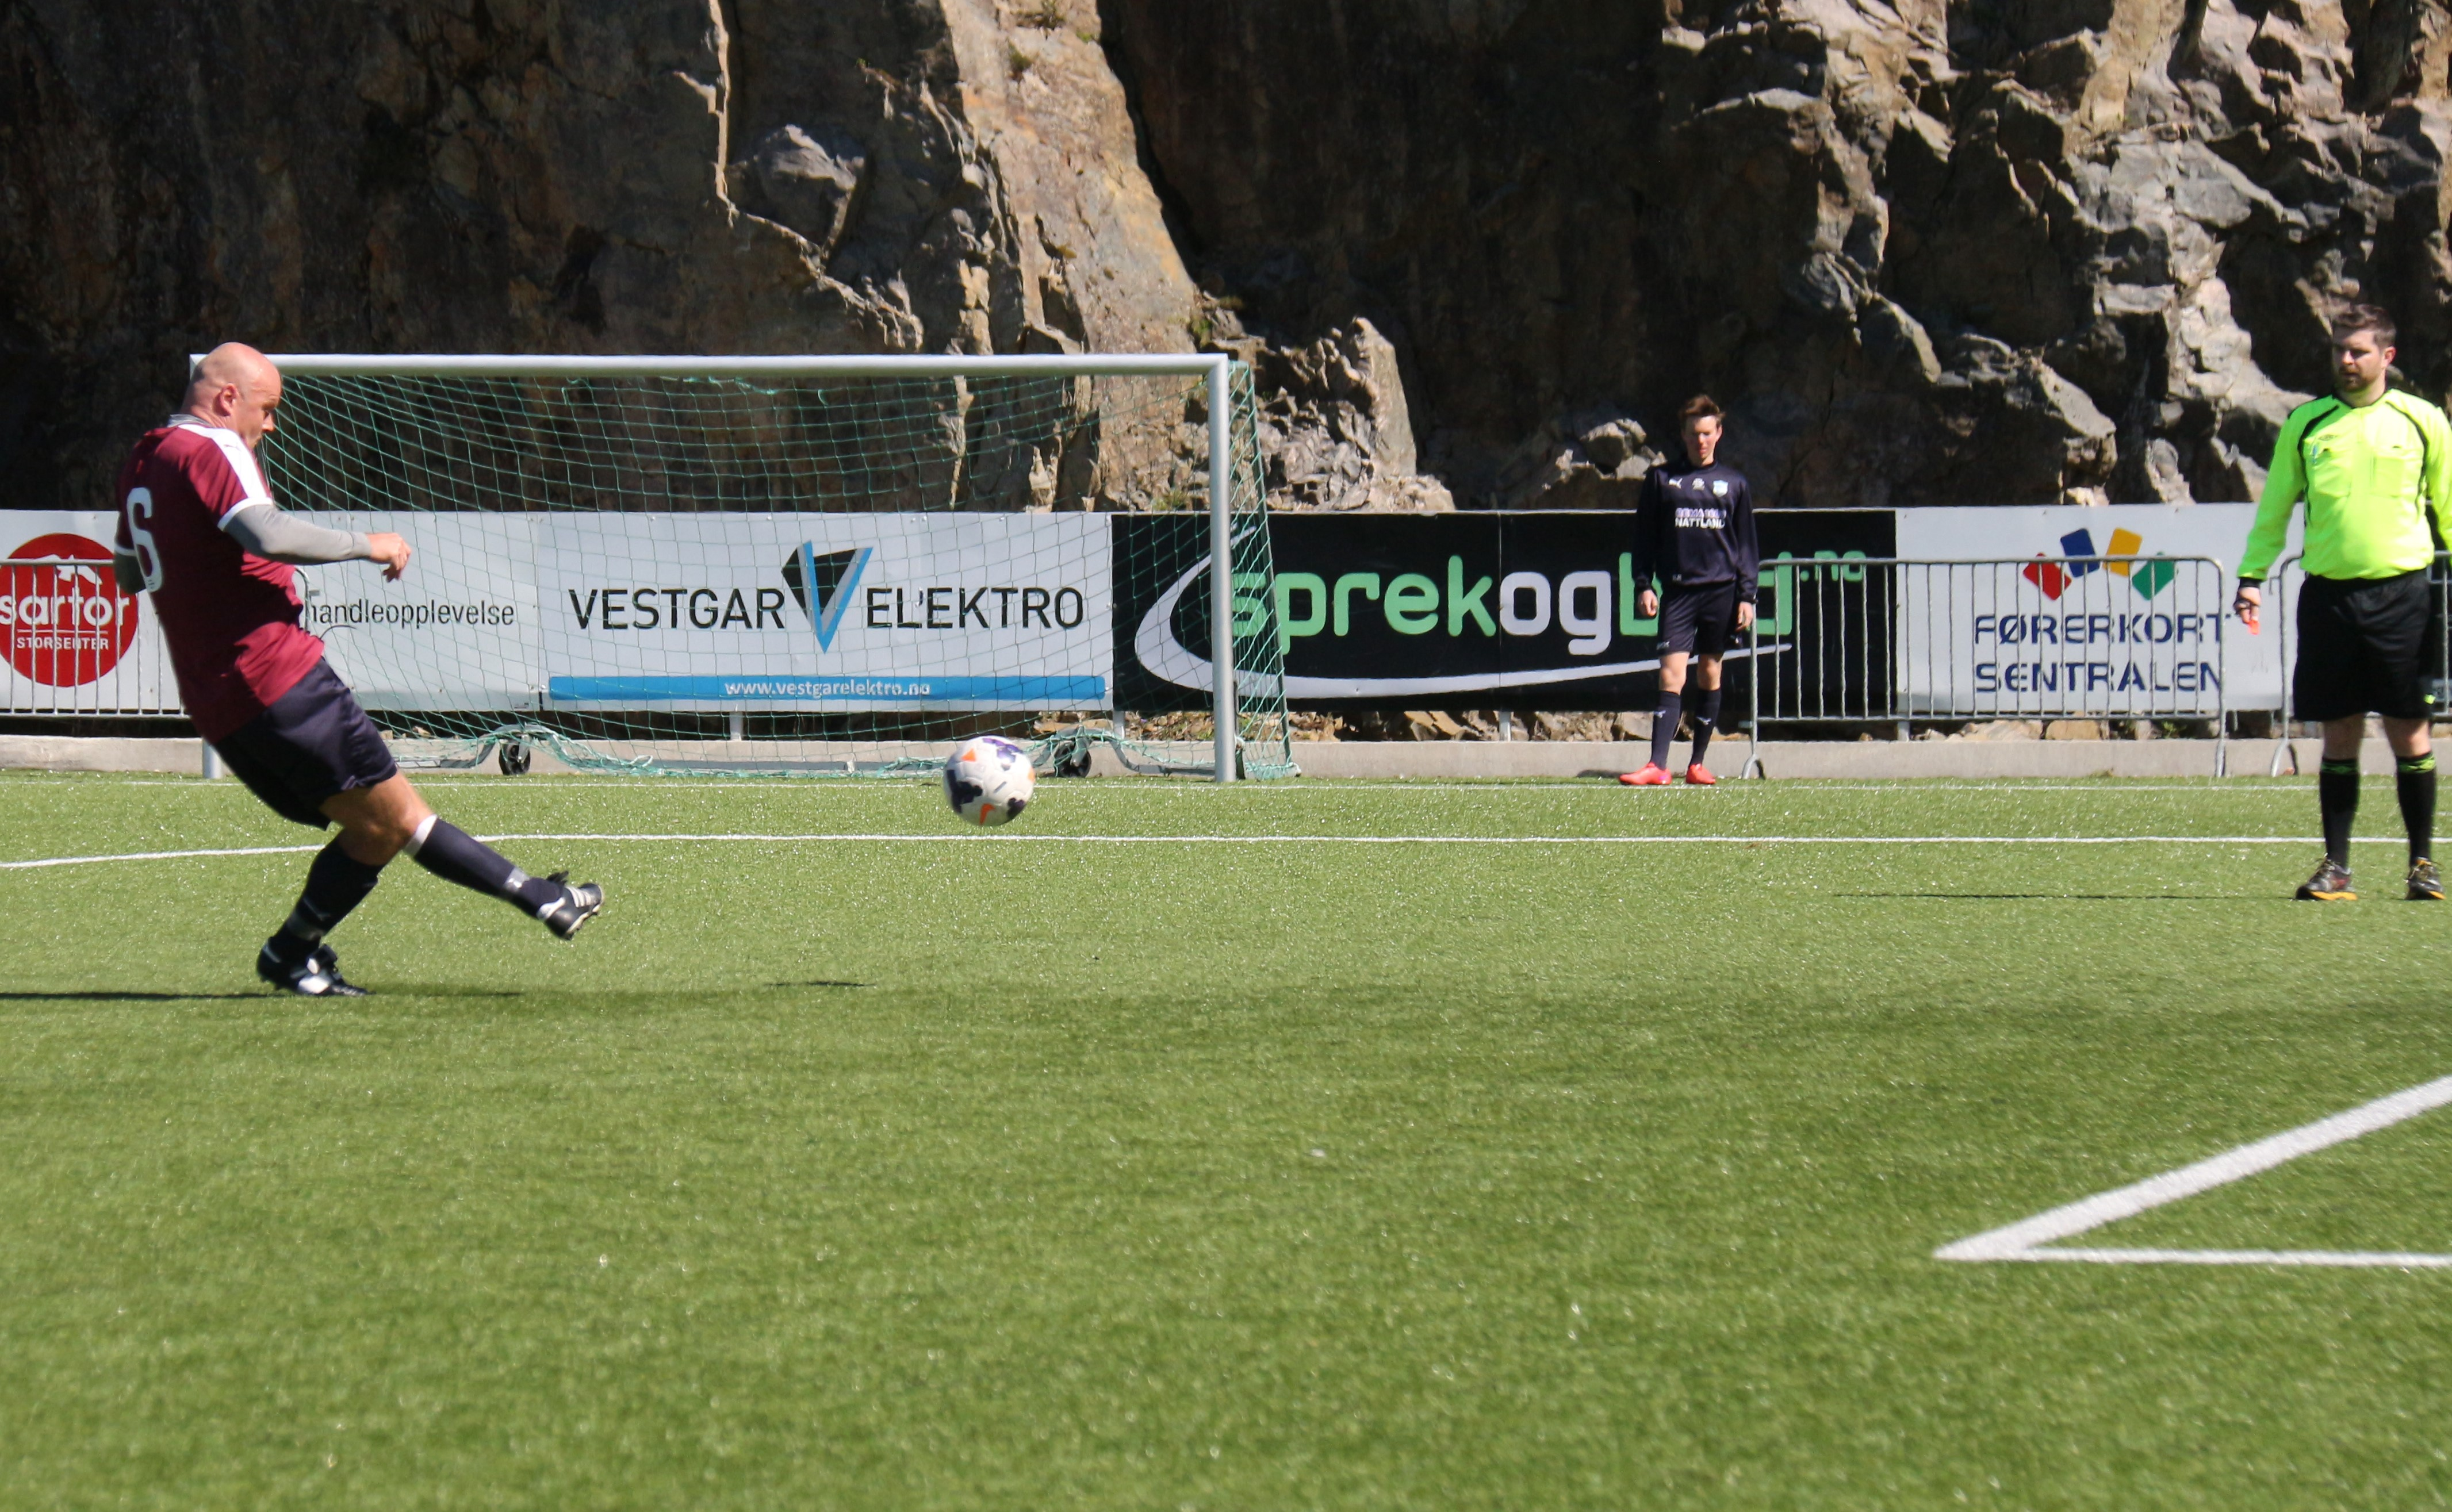 Sotra 2 - Sædalen: Roar Fredriksen setter straffen i tverrligger. Foto: Karstein Oen